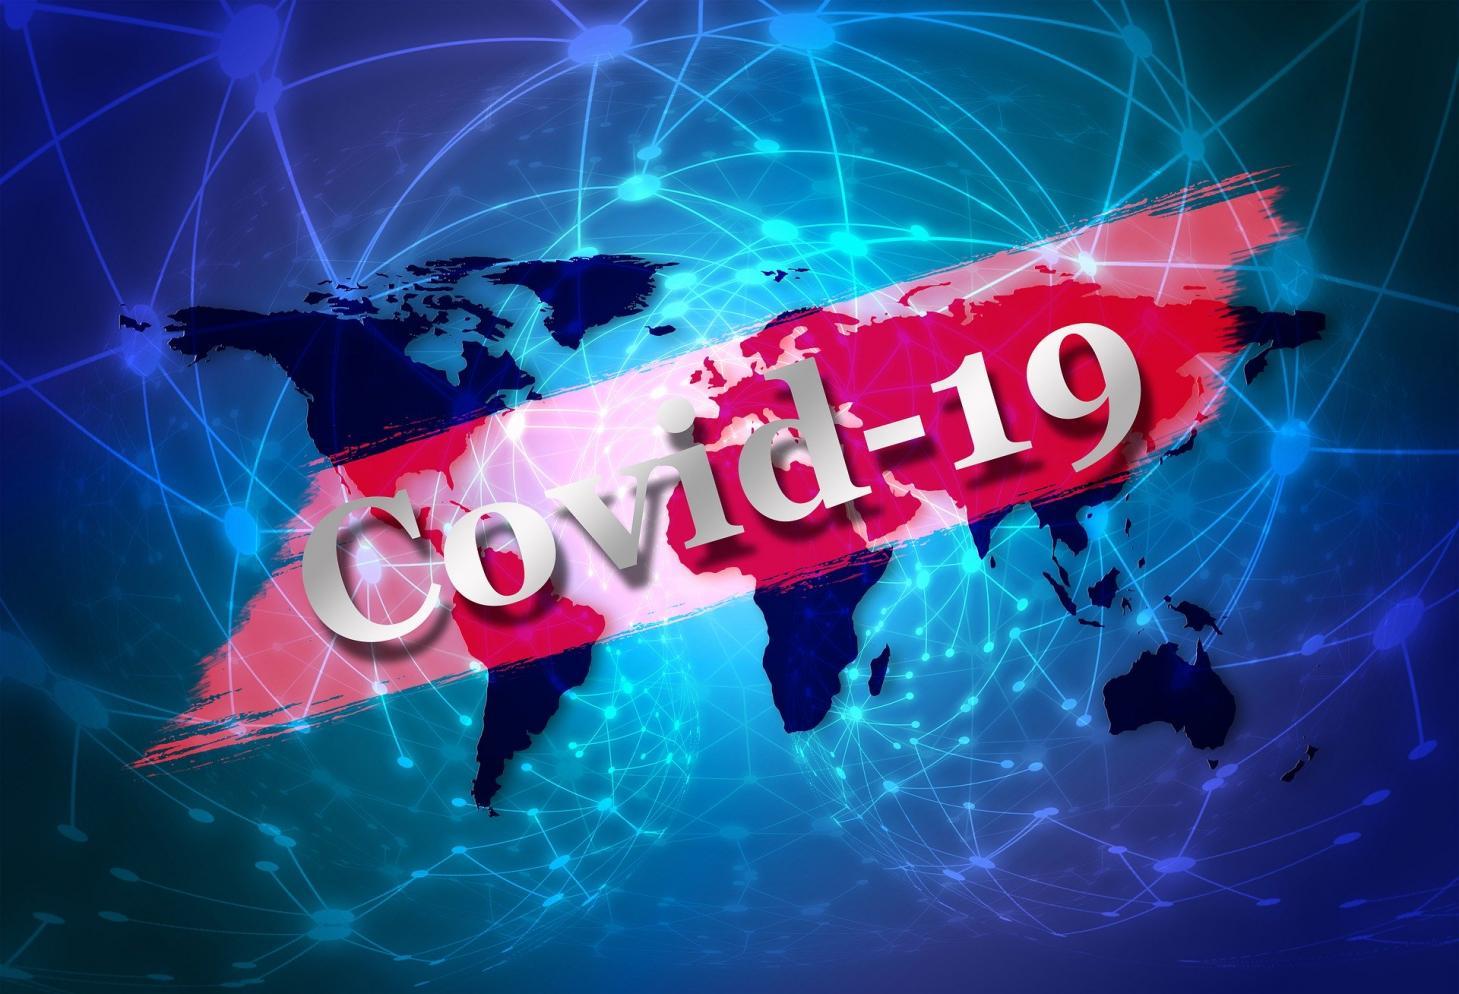 Óbitos por coronavírus chegam a 22 e recuperados são 425 em Limeira